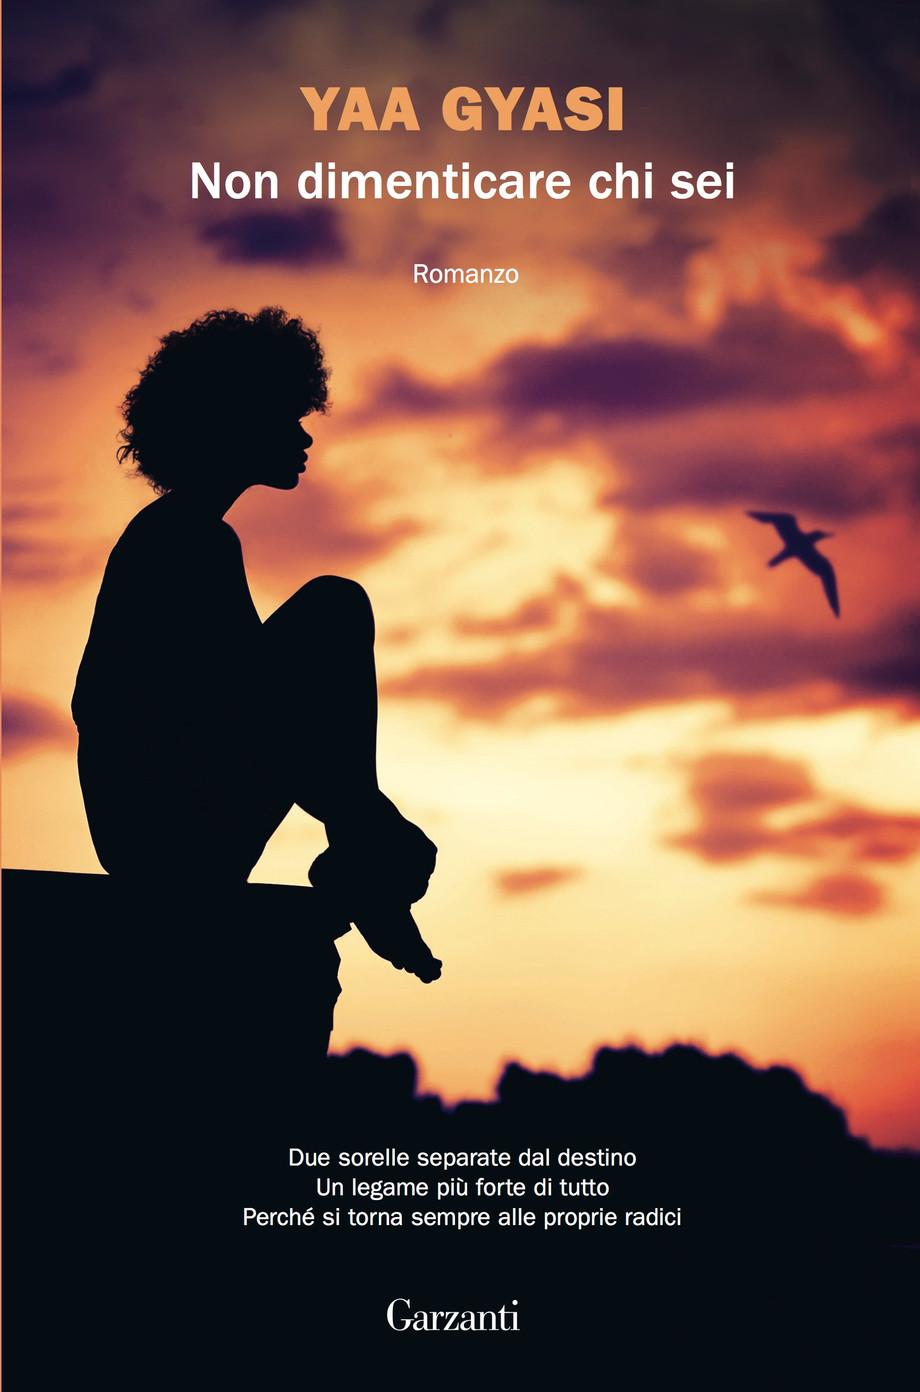 Non dimenticare chi sei, l'opera prima della scrittrice Ghanese Yaa Gyasi / Homegoing, the first nov